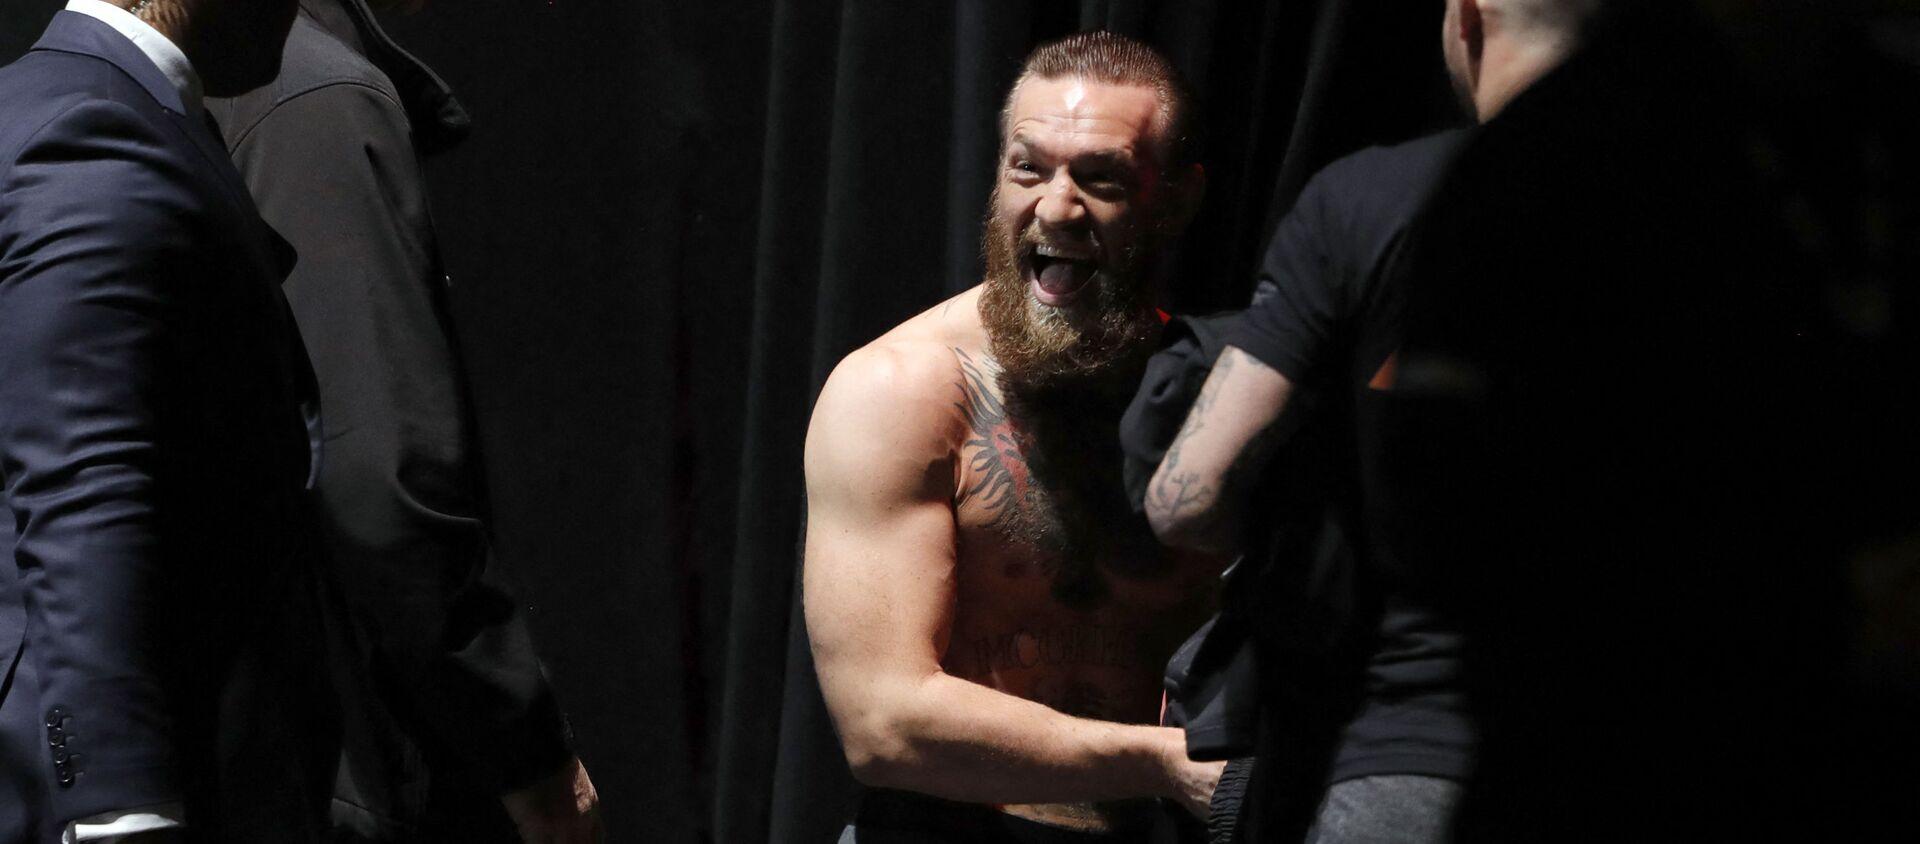 Ирландский боец UFC Конор Макгрегор - Sputnik Беларусь, 1920, 14.04.2021